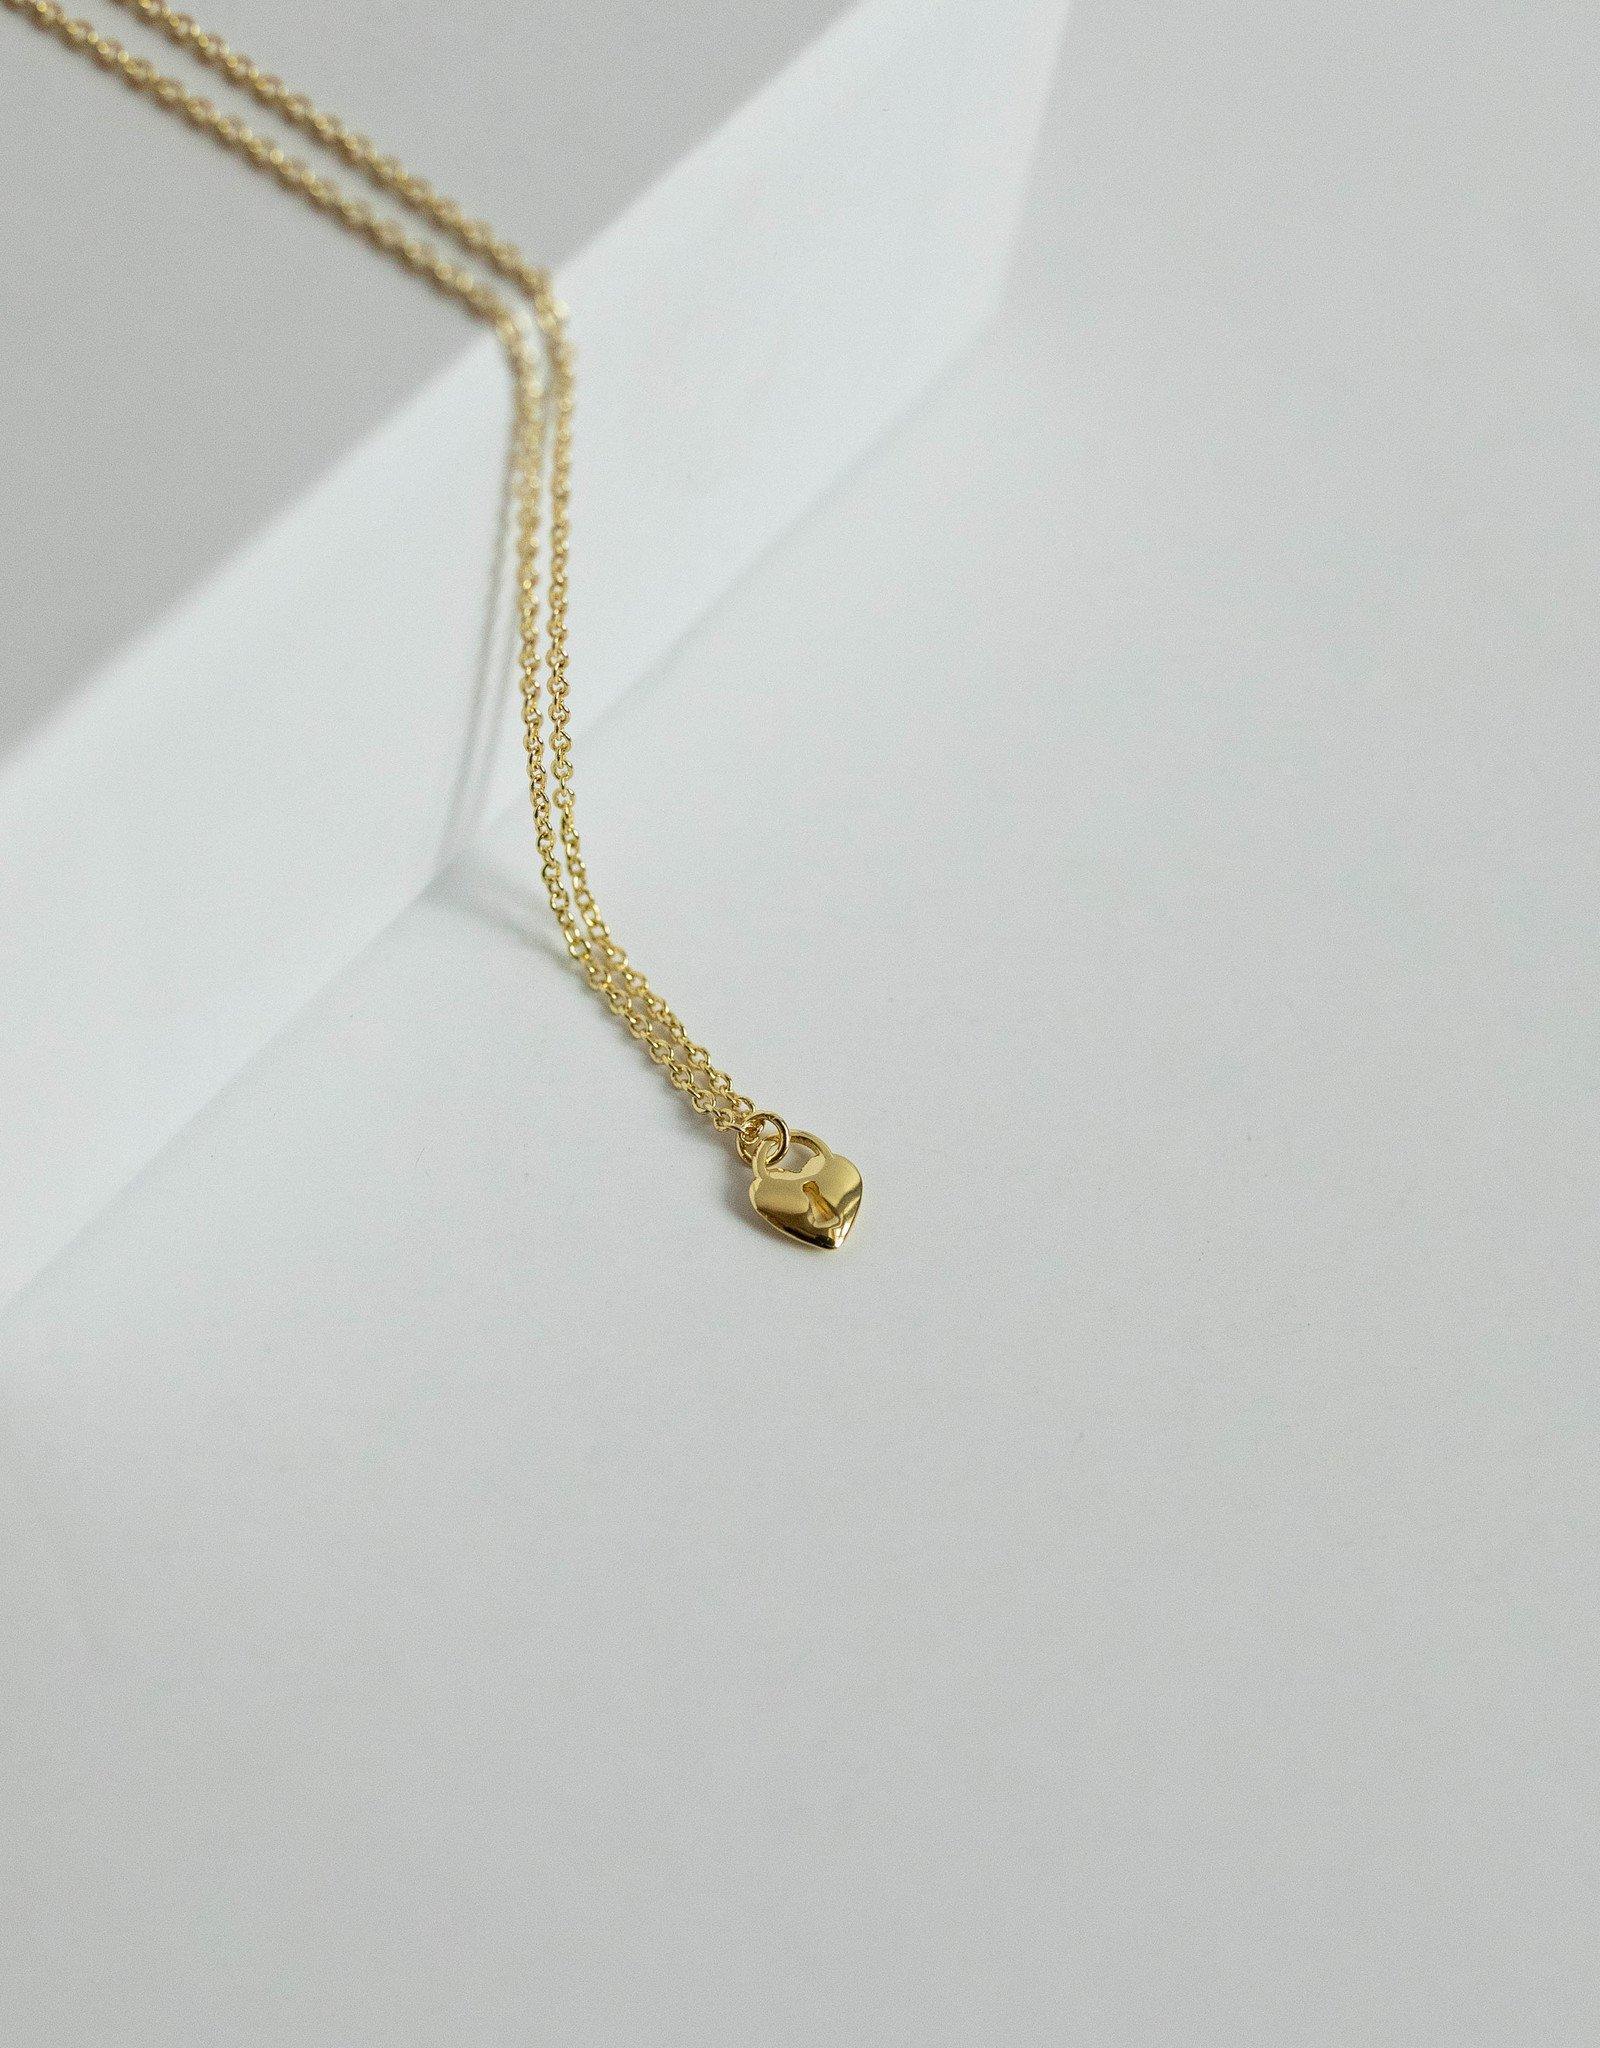 Gorjana Heart Padlock Charm Necklace